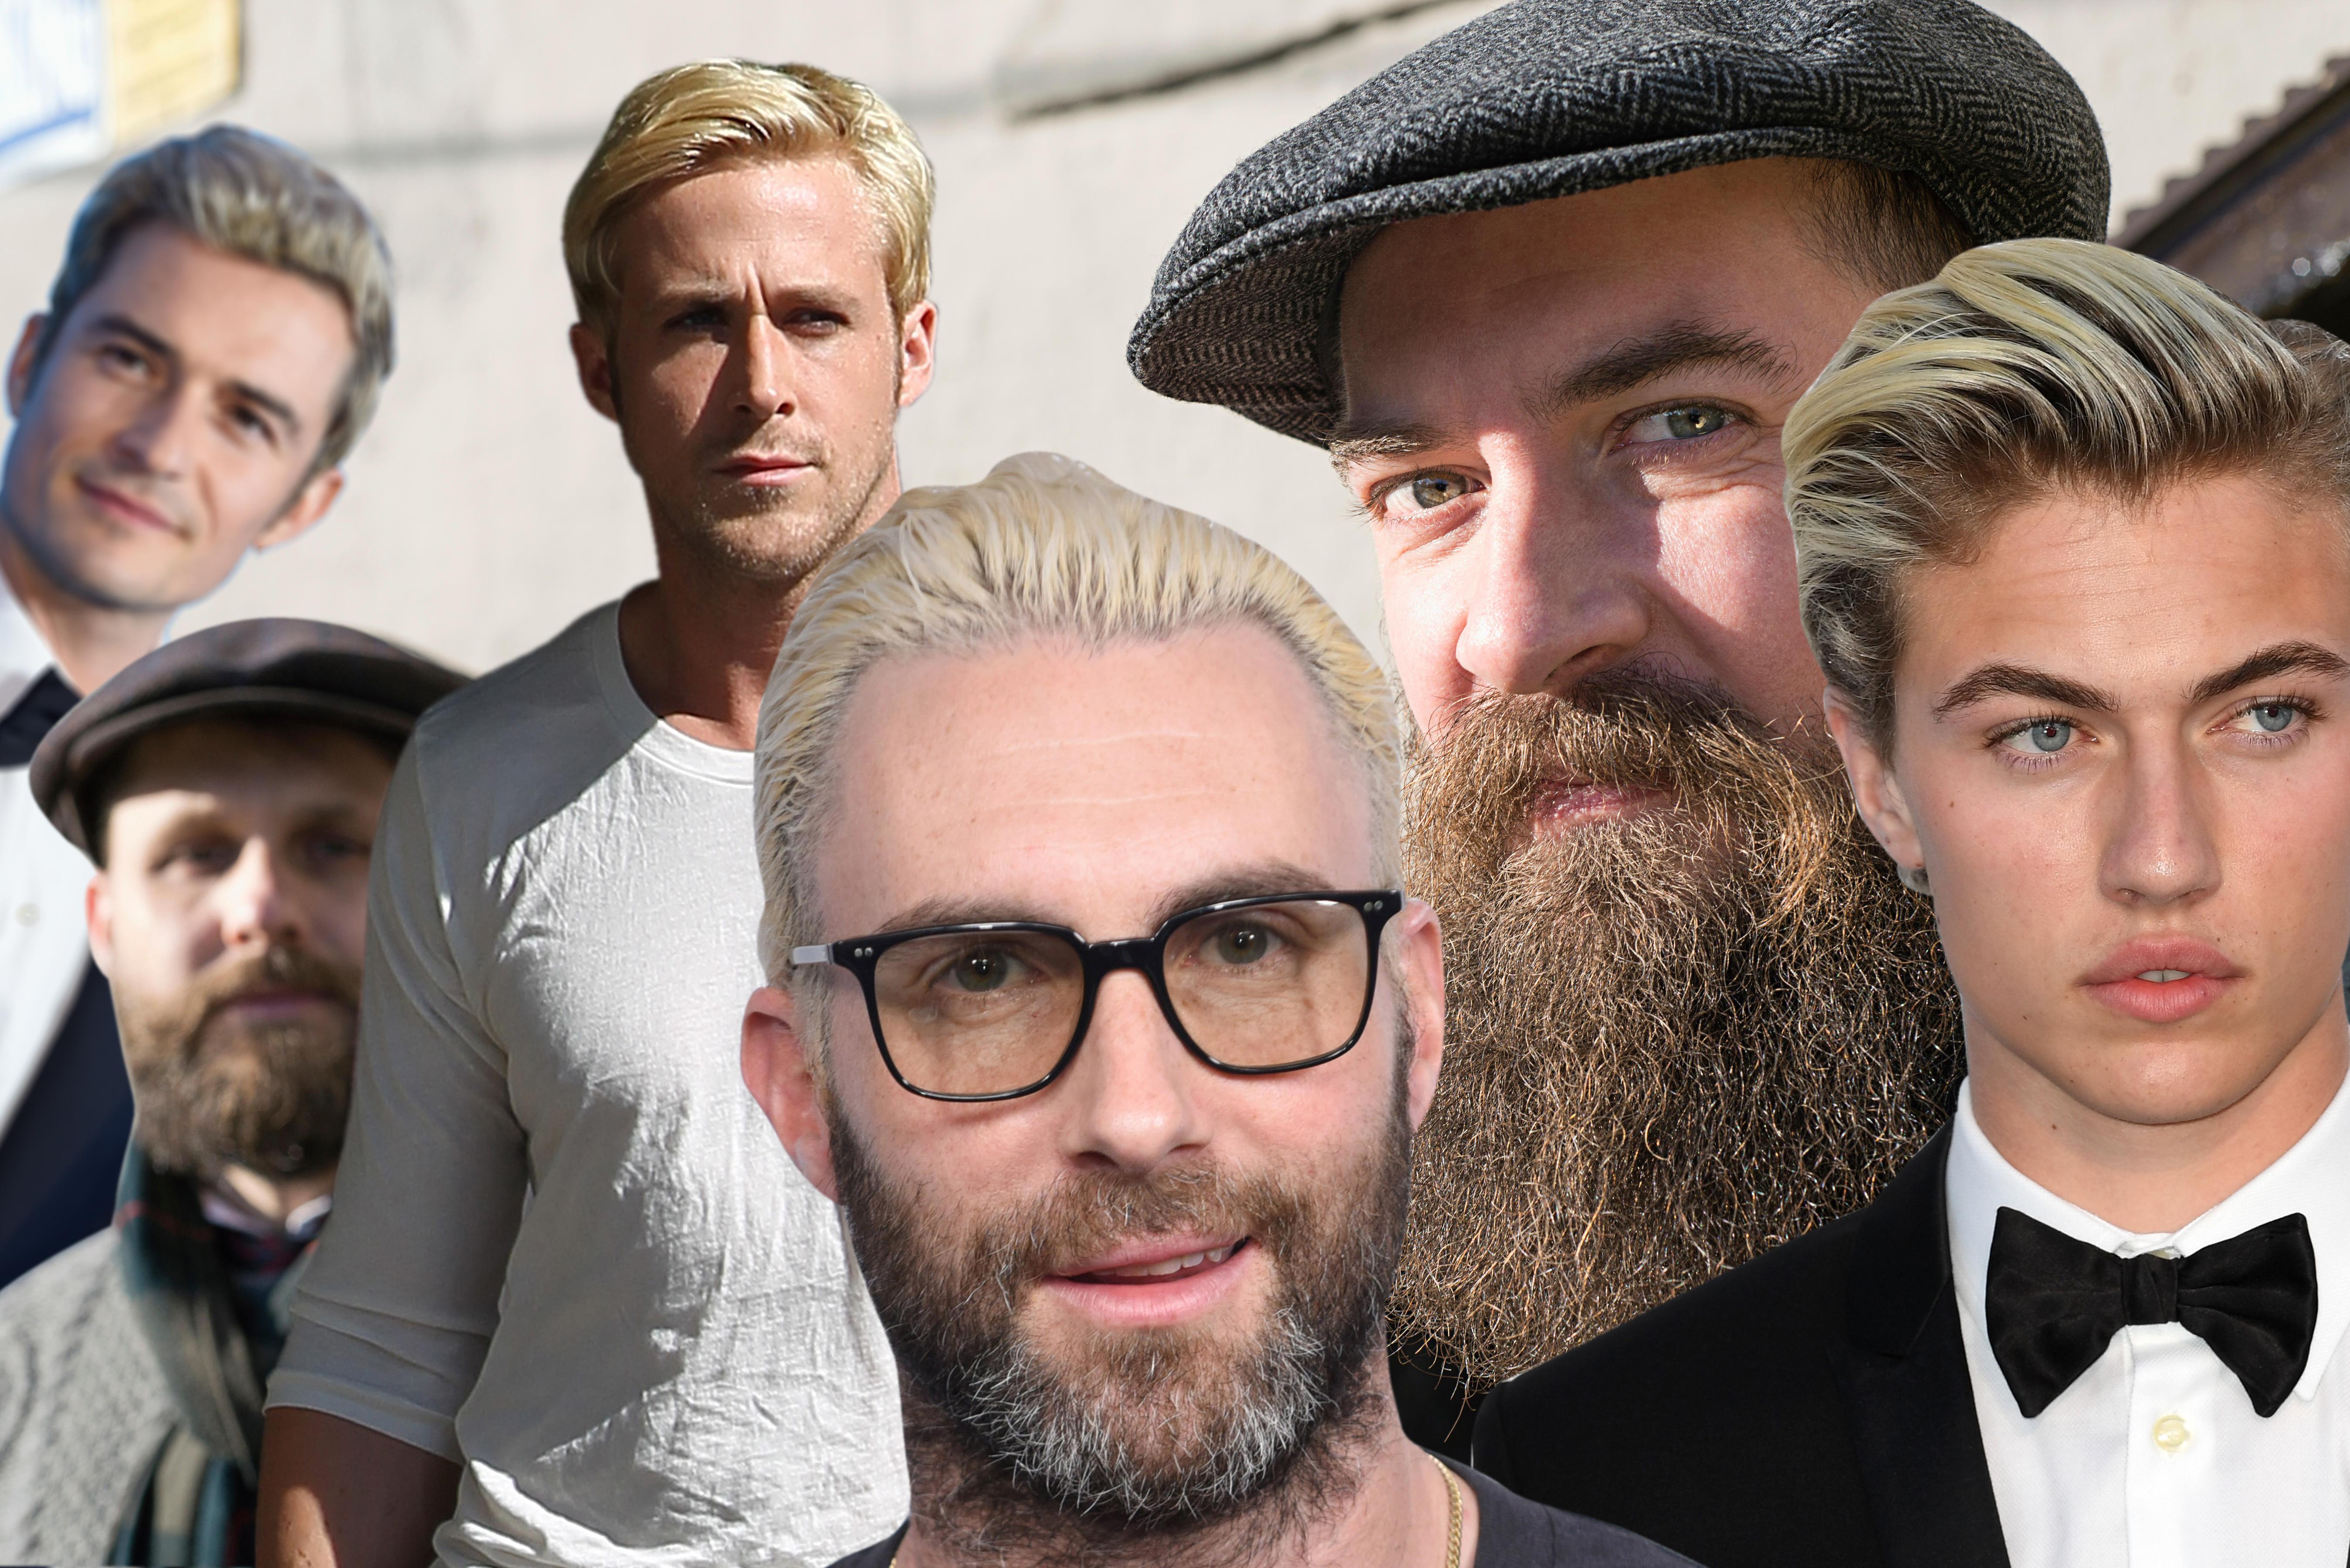 Men Bleaching Their Hair Is The New Beard Vice